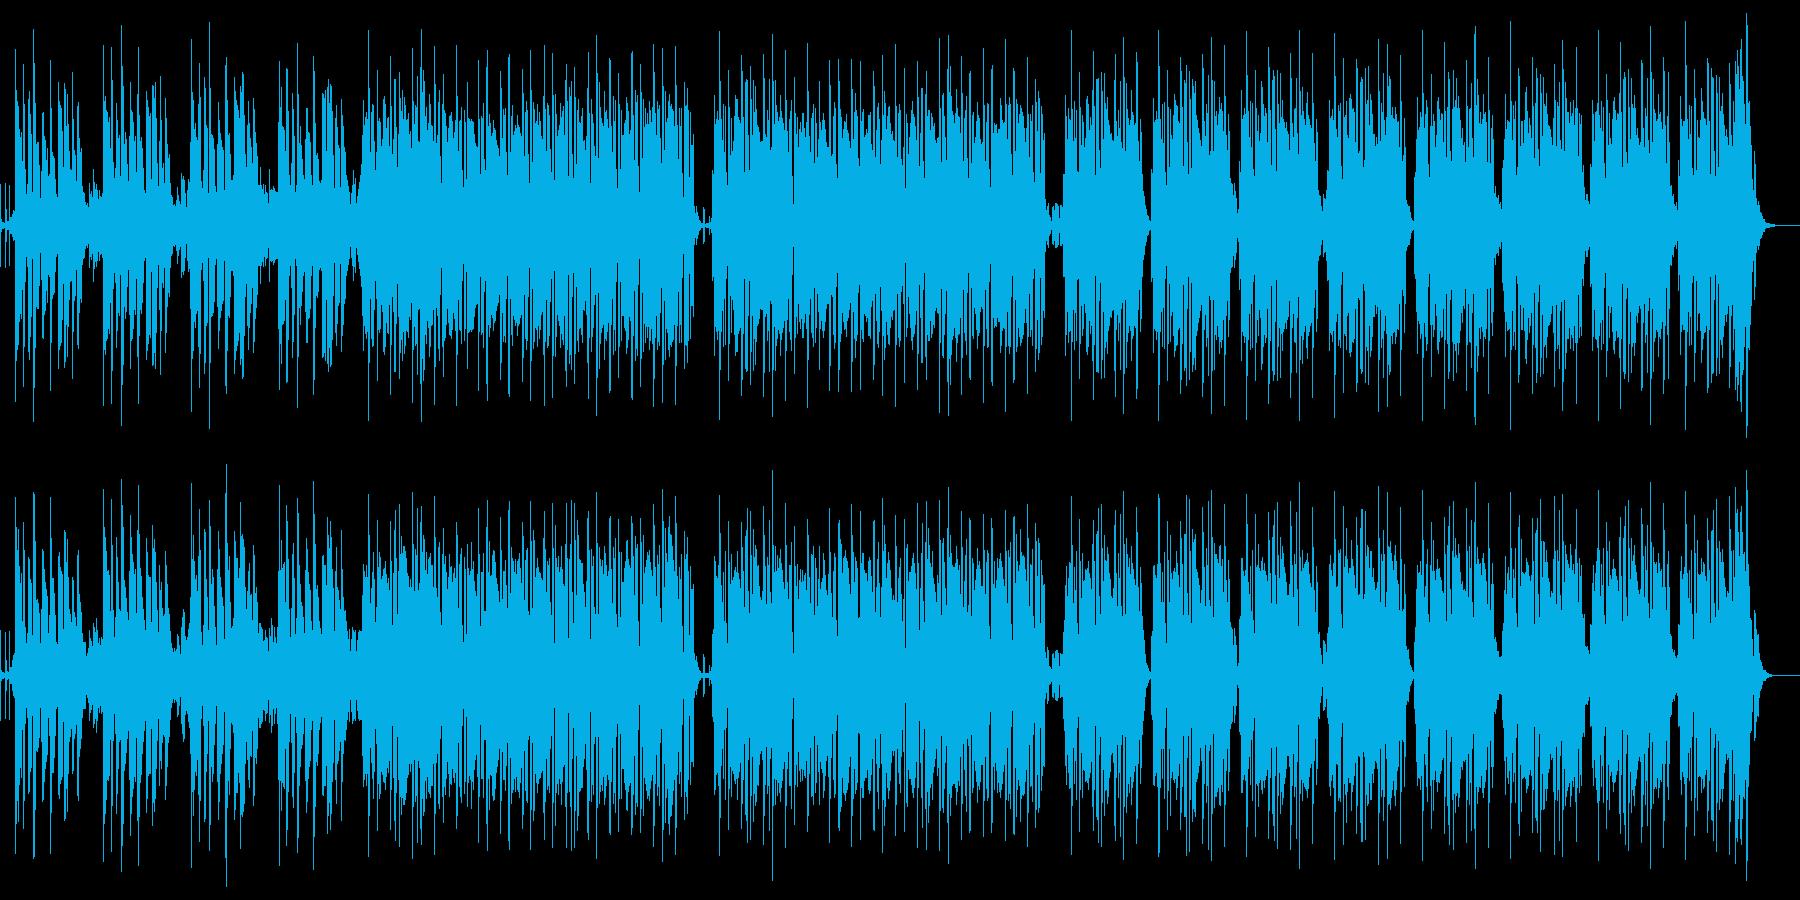 お洒落ジャズフュージョンハネ系リズミカルの再生済みの波形